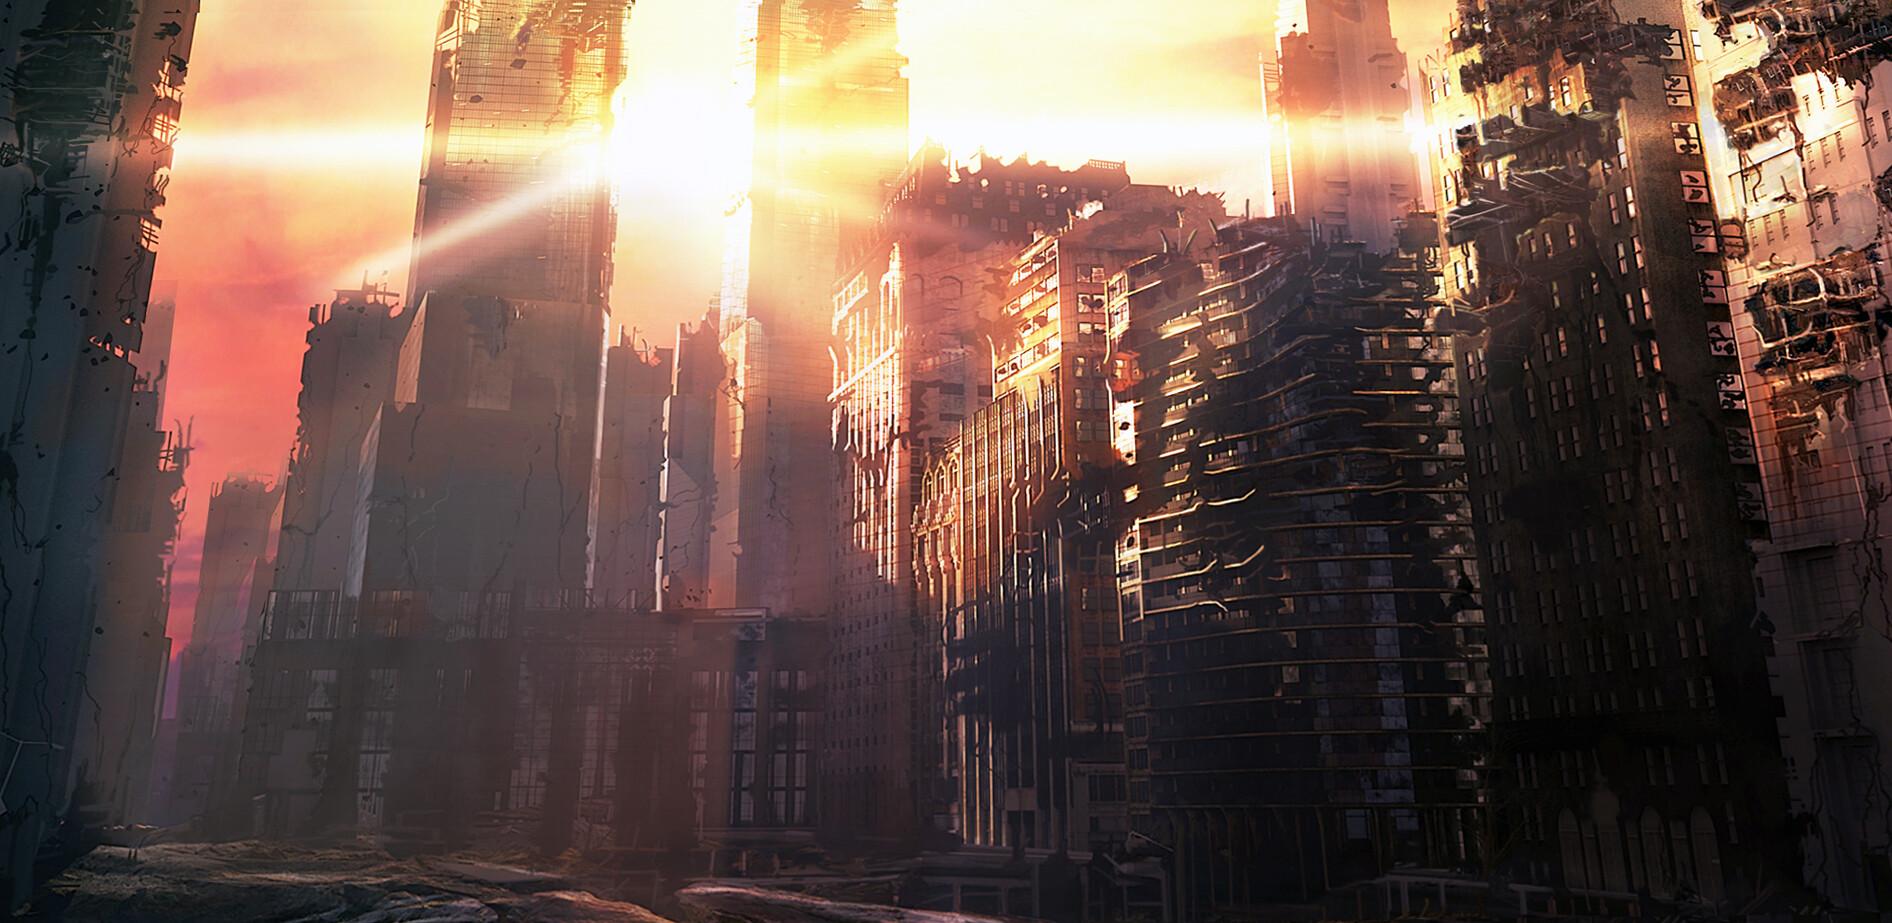 City Destruction concept ( film pitch )